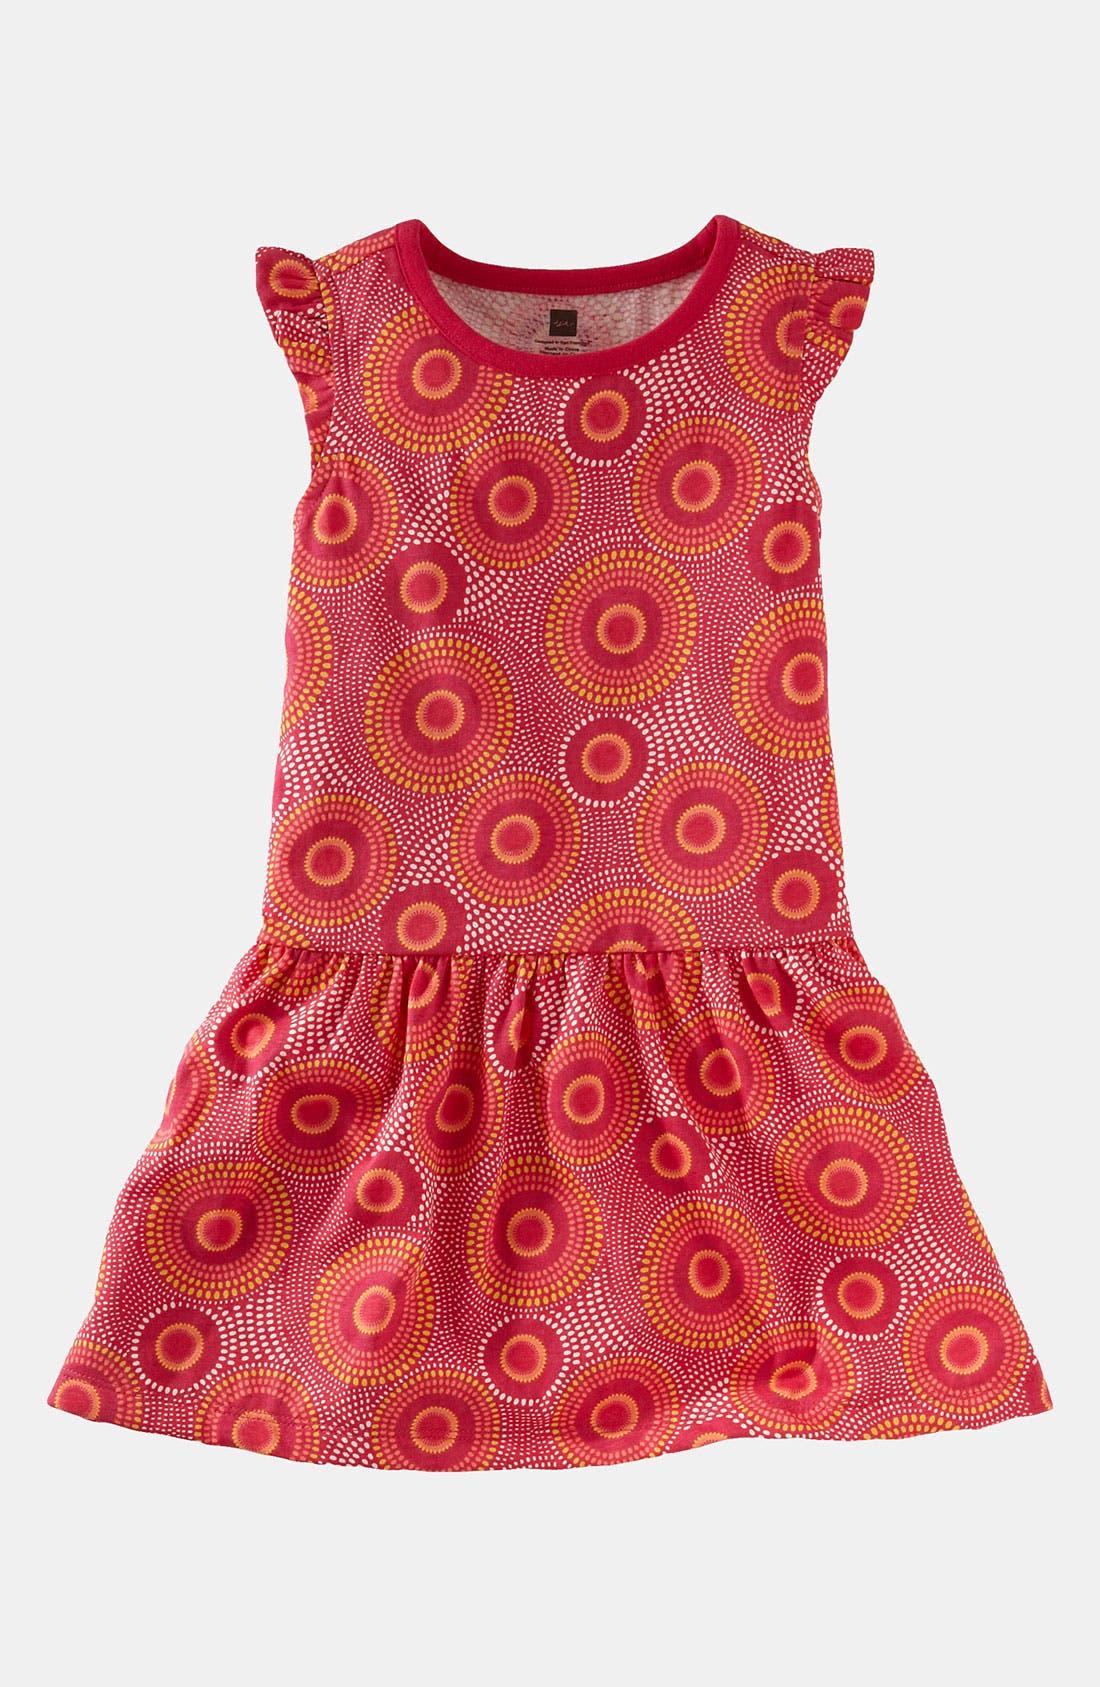 Main Image - Tea Collection 'Elm' Flutter Dress (Infant)